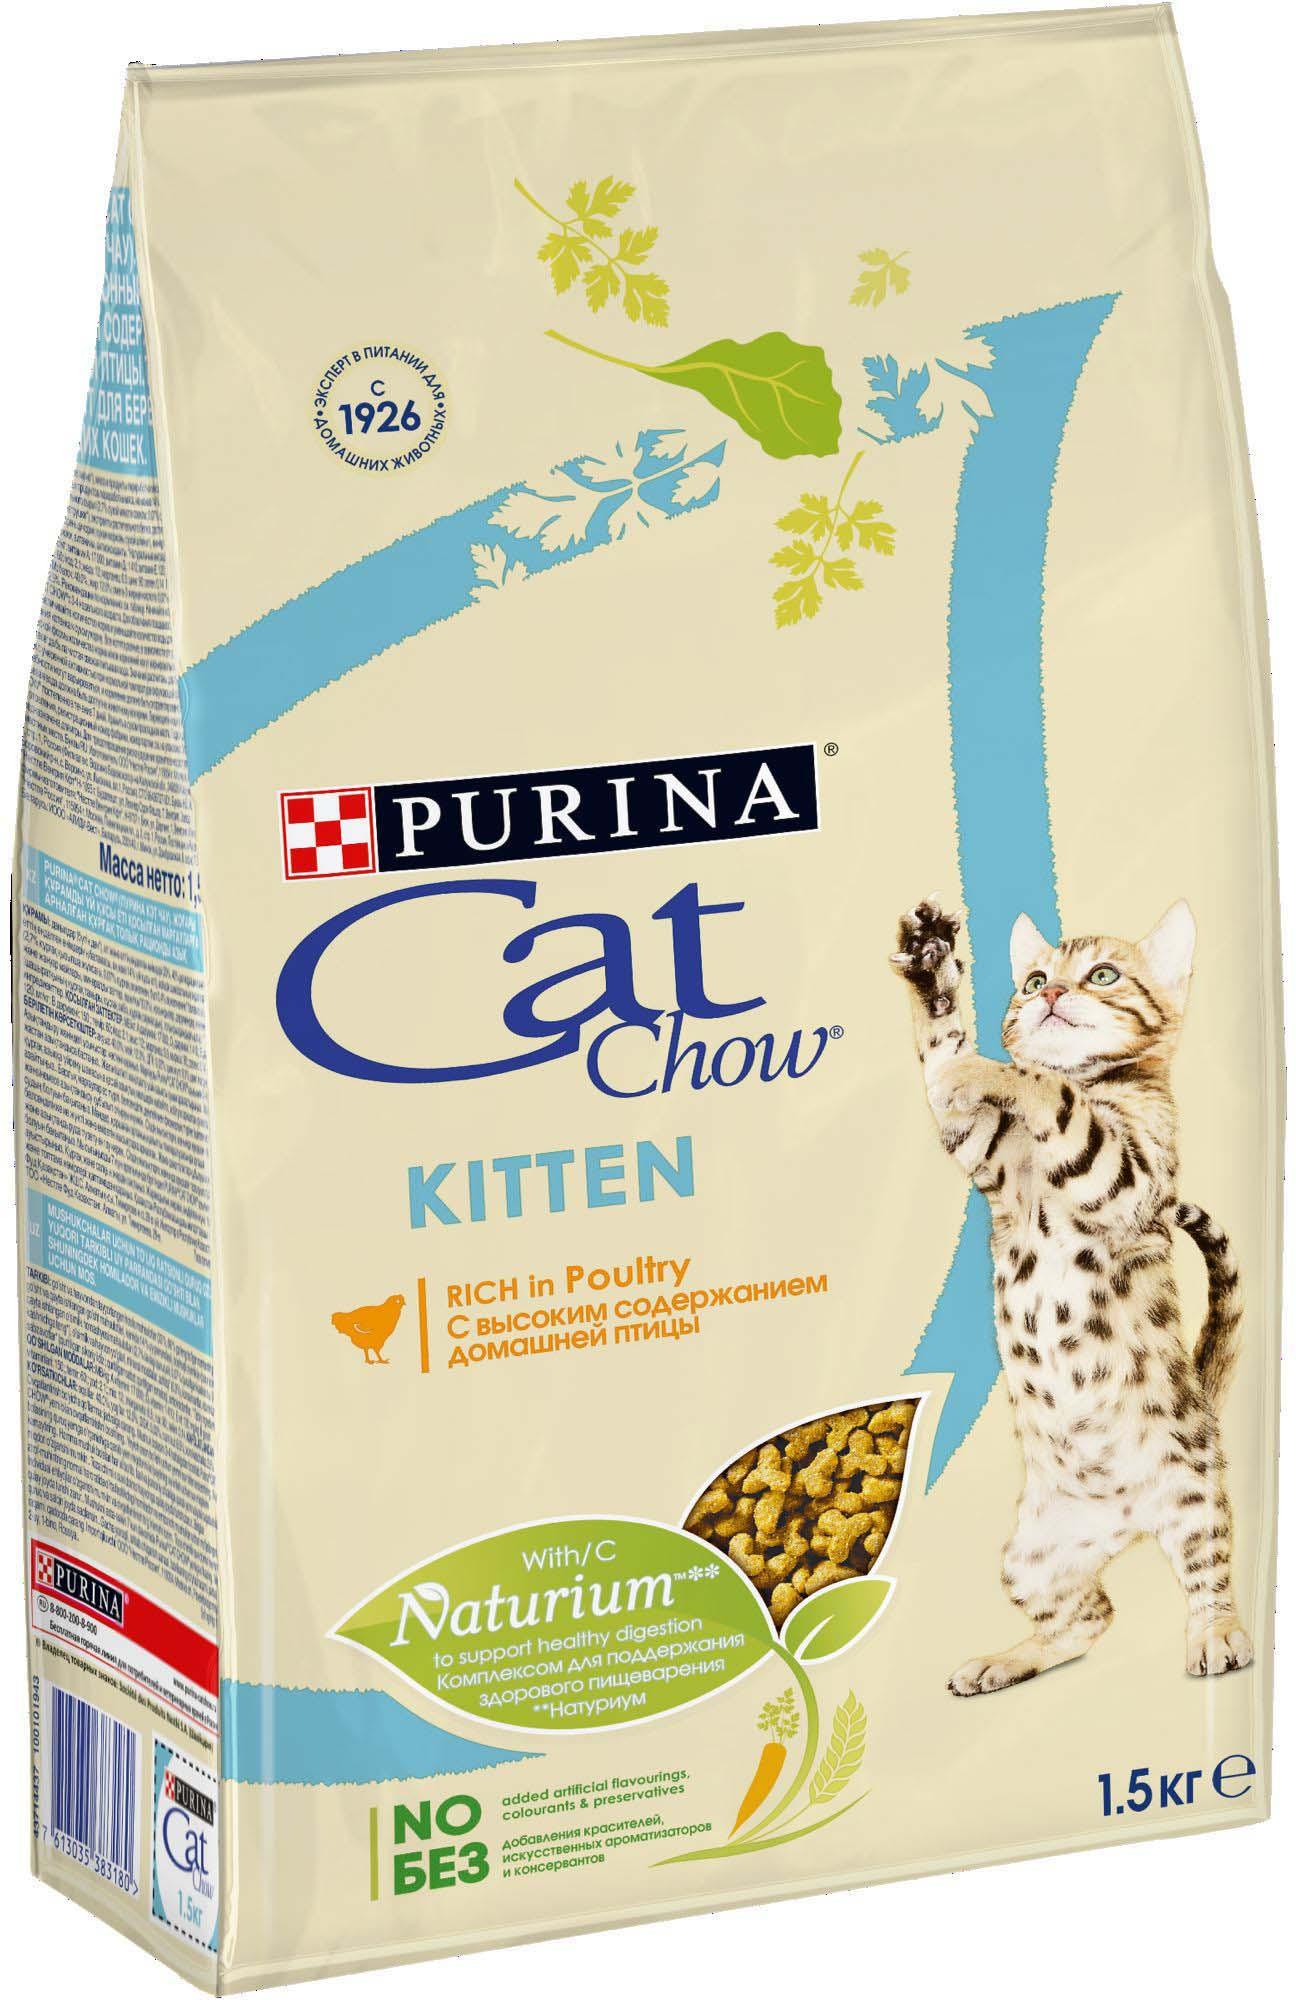 Корм сухой Cat Chow Kitten для котят, с домашней птицей, 1,5 кг62616Корм сухой Cat Chow Kitten обеспечивает полноценное, сбалансированное питание для котят в возрасте от 6 недель до 1 года. Корм содержит ДГК (докозагексаеновую кислоту) - компонент материнского молока, способствующий здоровому росту котенка, развитию его мозга и зрения. Состав: злаки (цельное зерно), мясо и продукты переработки мяса (33%, эквивалентно 66% регидрированного мяса и продуктов переработки мяса, не менее 14% домашней птицы), продукты переработки растительного сырья (2,7% сухой мякоти свеклы; 0,07% сухой петрушки, что эквивалентно 0,4% петрушки), экстракты растительного белка, растительные и животные жиры, овощи (сушеный корень цикория; сухая морковь; сухой шпинат), минеральные вещества, консерванты, дрожжи (0,3%), витамины, антиоксиданты. Гарантируемые показатели:белок 40%, жир 12,0%, омега-3жирная кислота: 0,02%, сырая зола: 8,5%, сырая клетчатка: 2,5%. Товар сертифицирован.